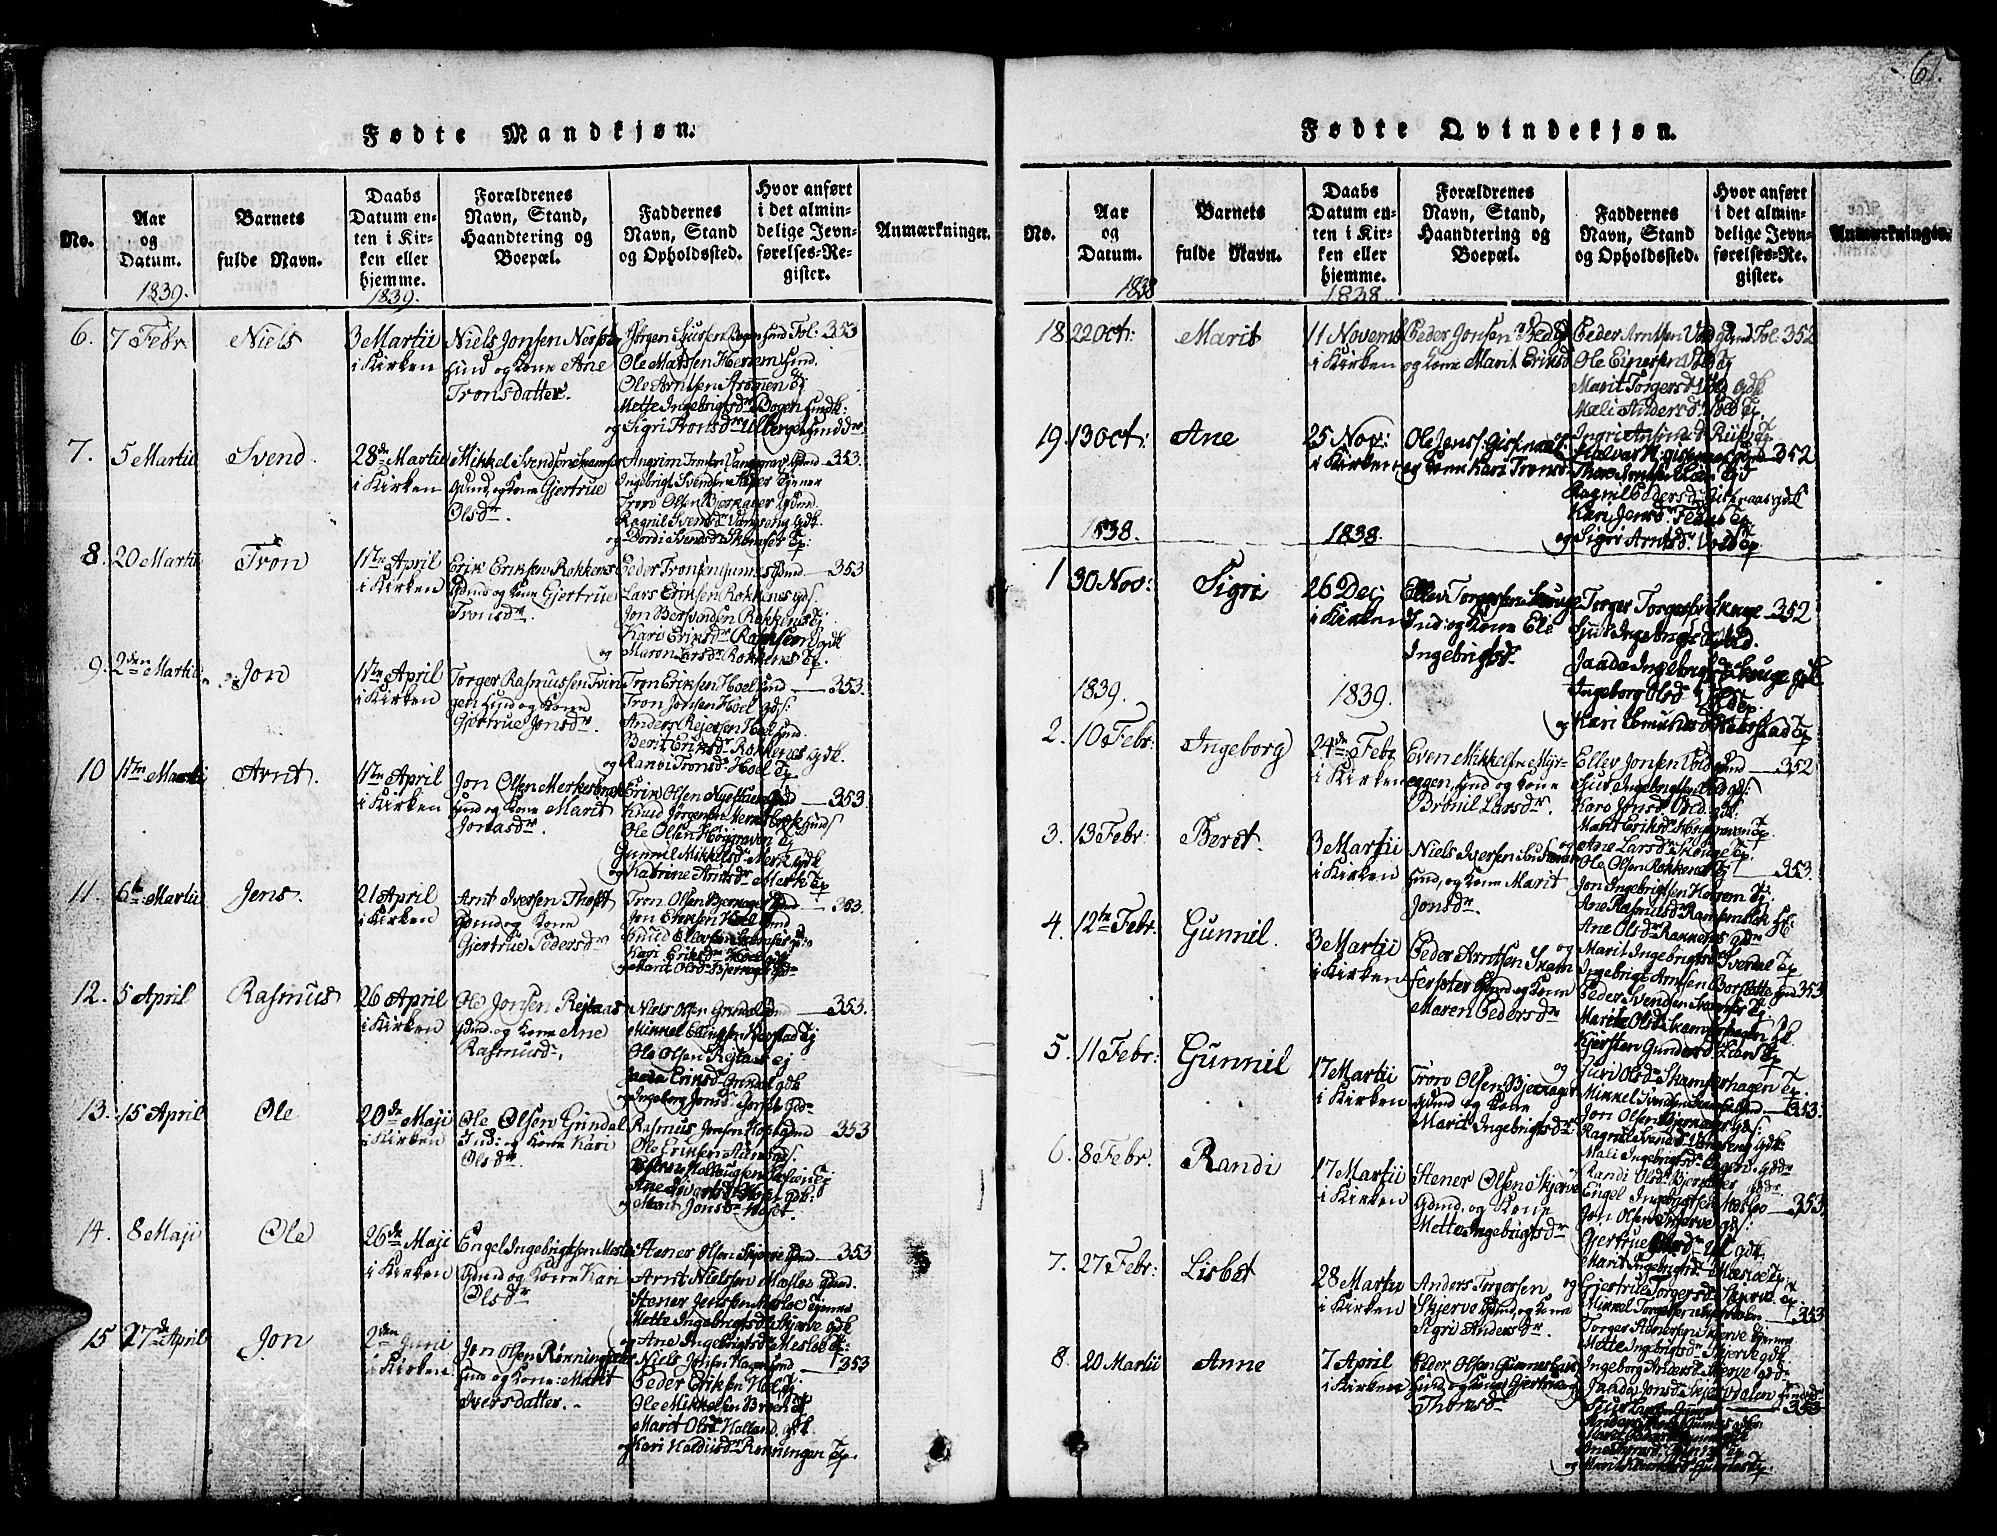 SAT, Ministerialprotokoller, klokkerbøker og fødselsregistre - Sør-Trøndelag, 674/L0874: Klokkerbok nr. 674C01, 1816-1860, s. 61